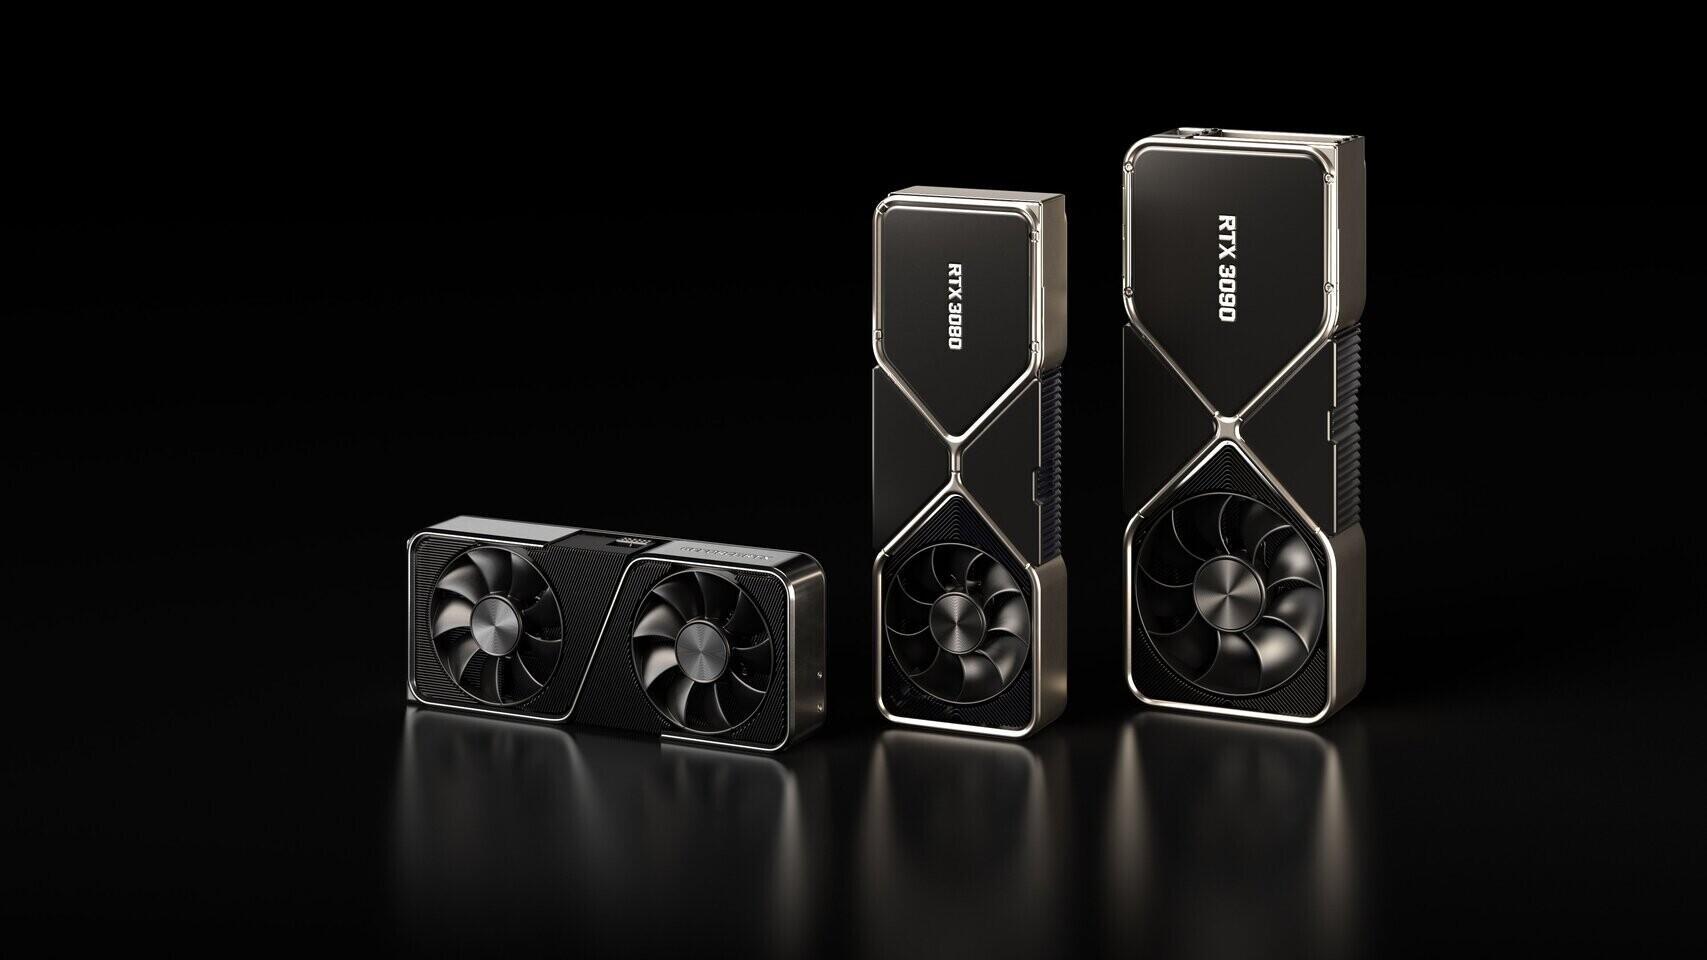 Nå er det offisielt: RTX 30-serien får «miningsperre» fra denne måneden